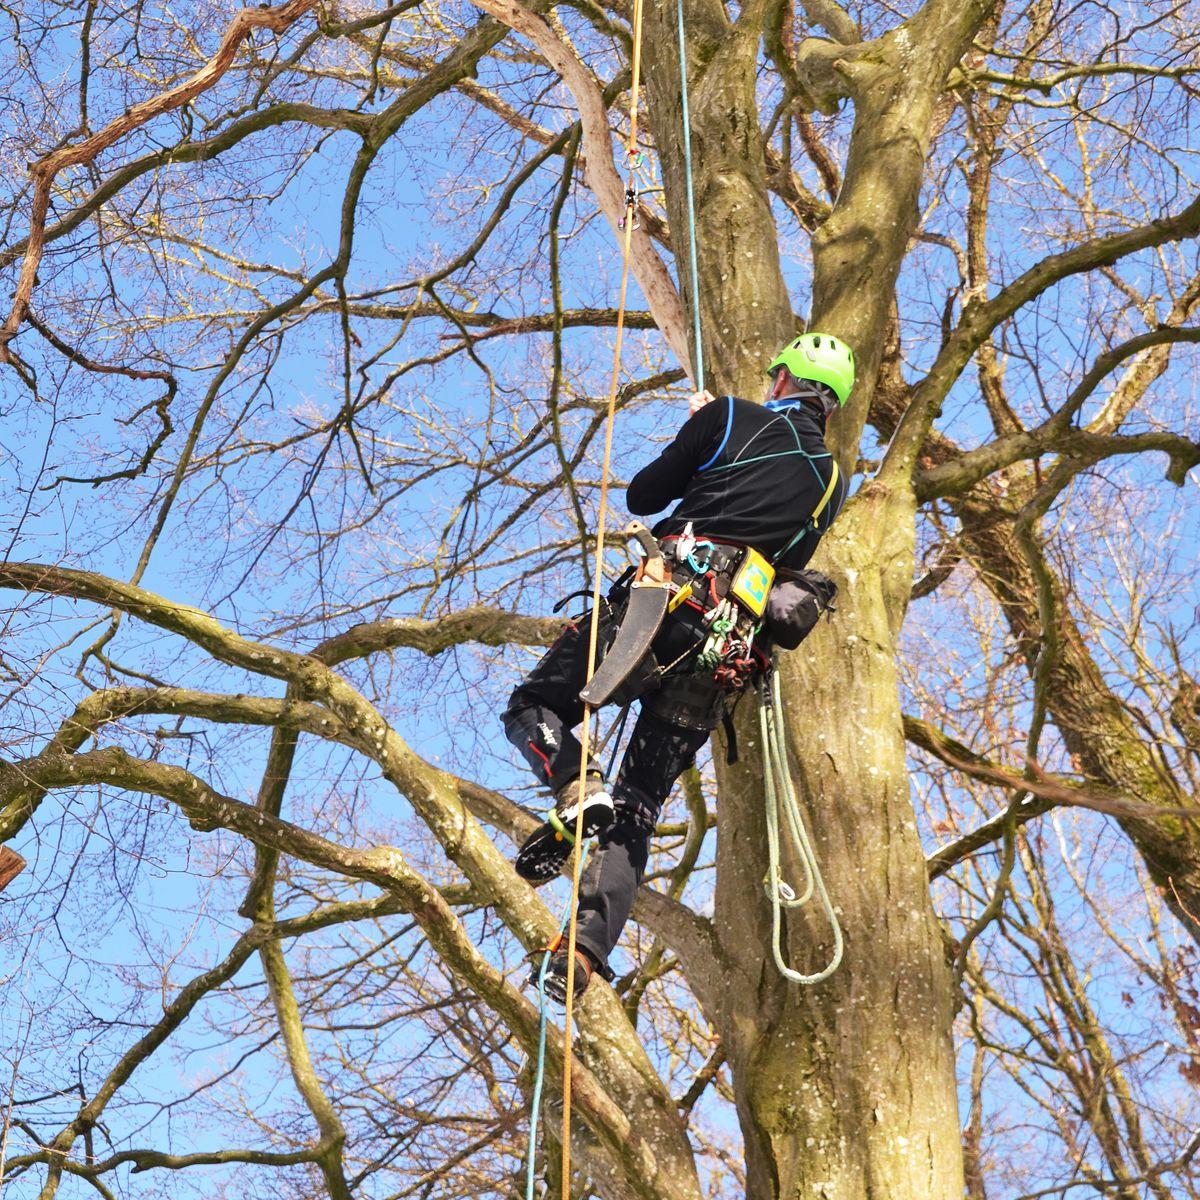 Baumpfleger klettert am Seil einen Baum hoch.